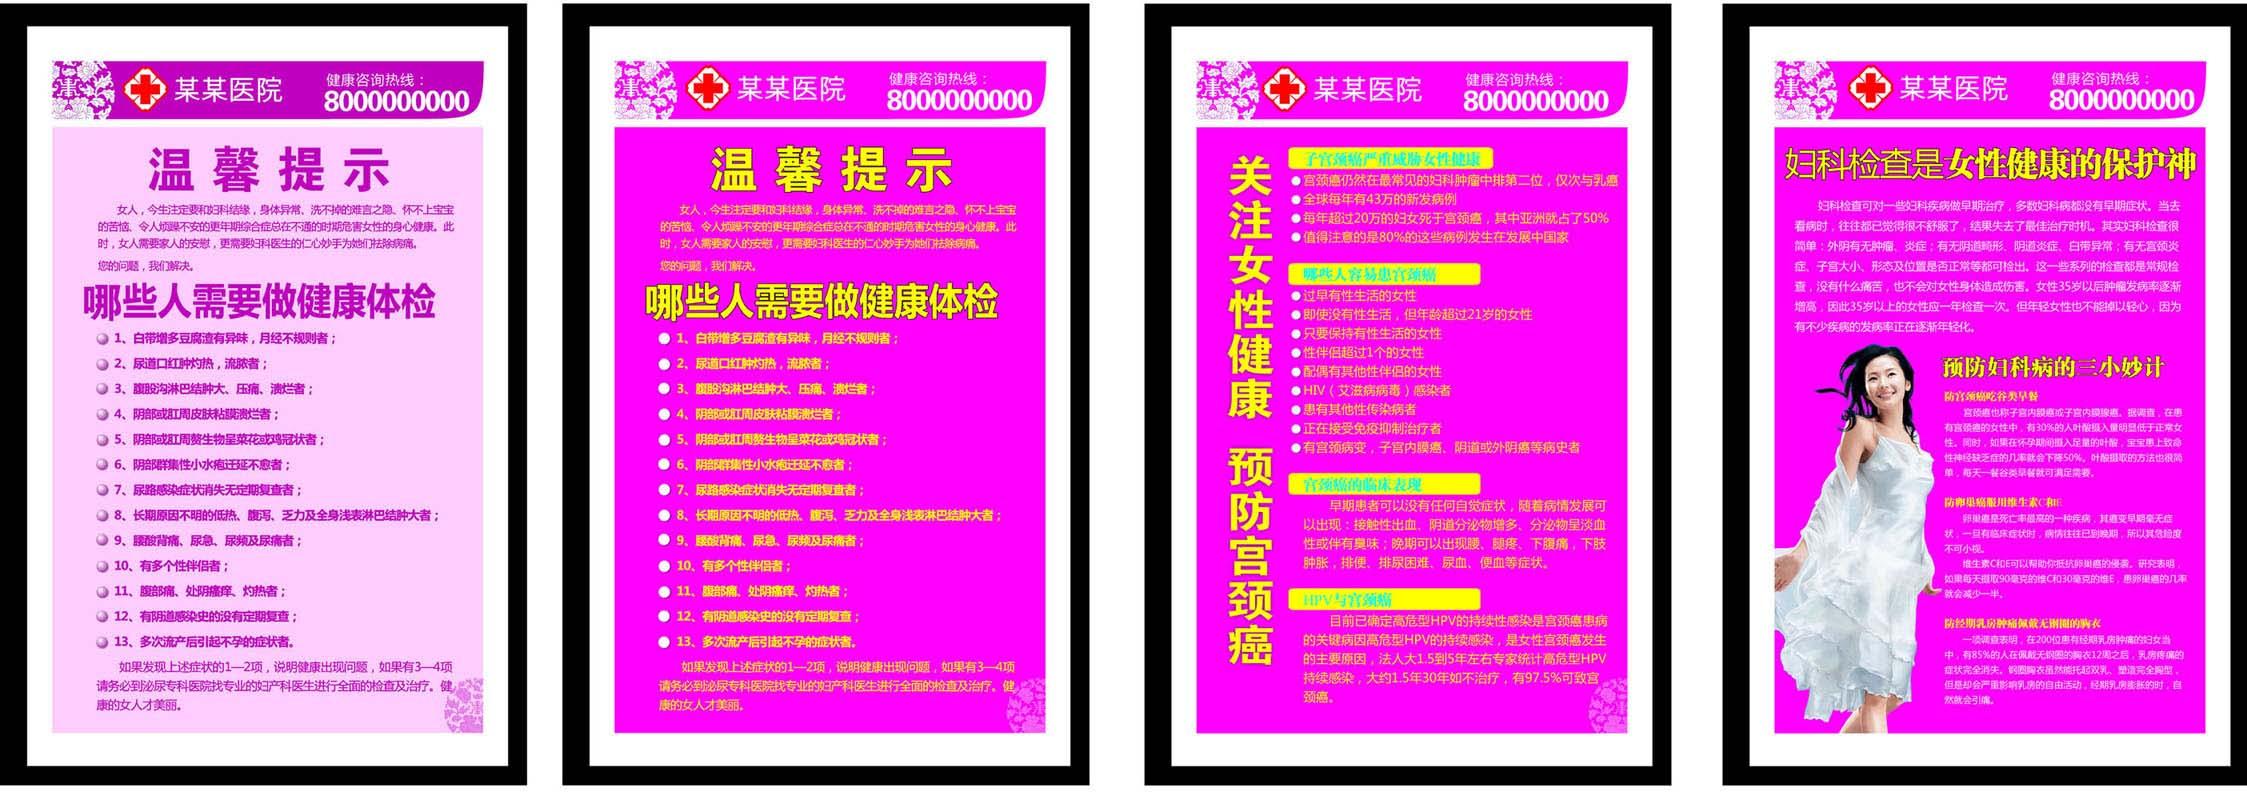 385基础建材海报展板素材494医院妇科健康常识1cdr